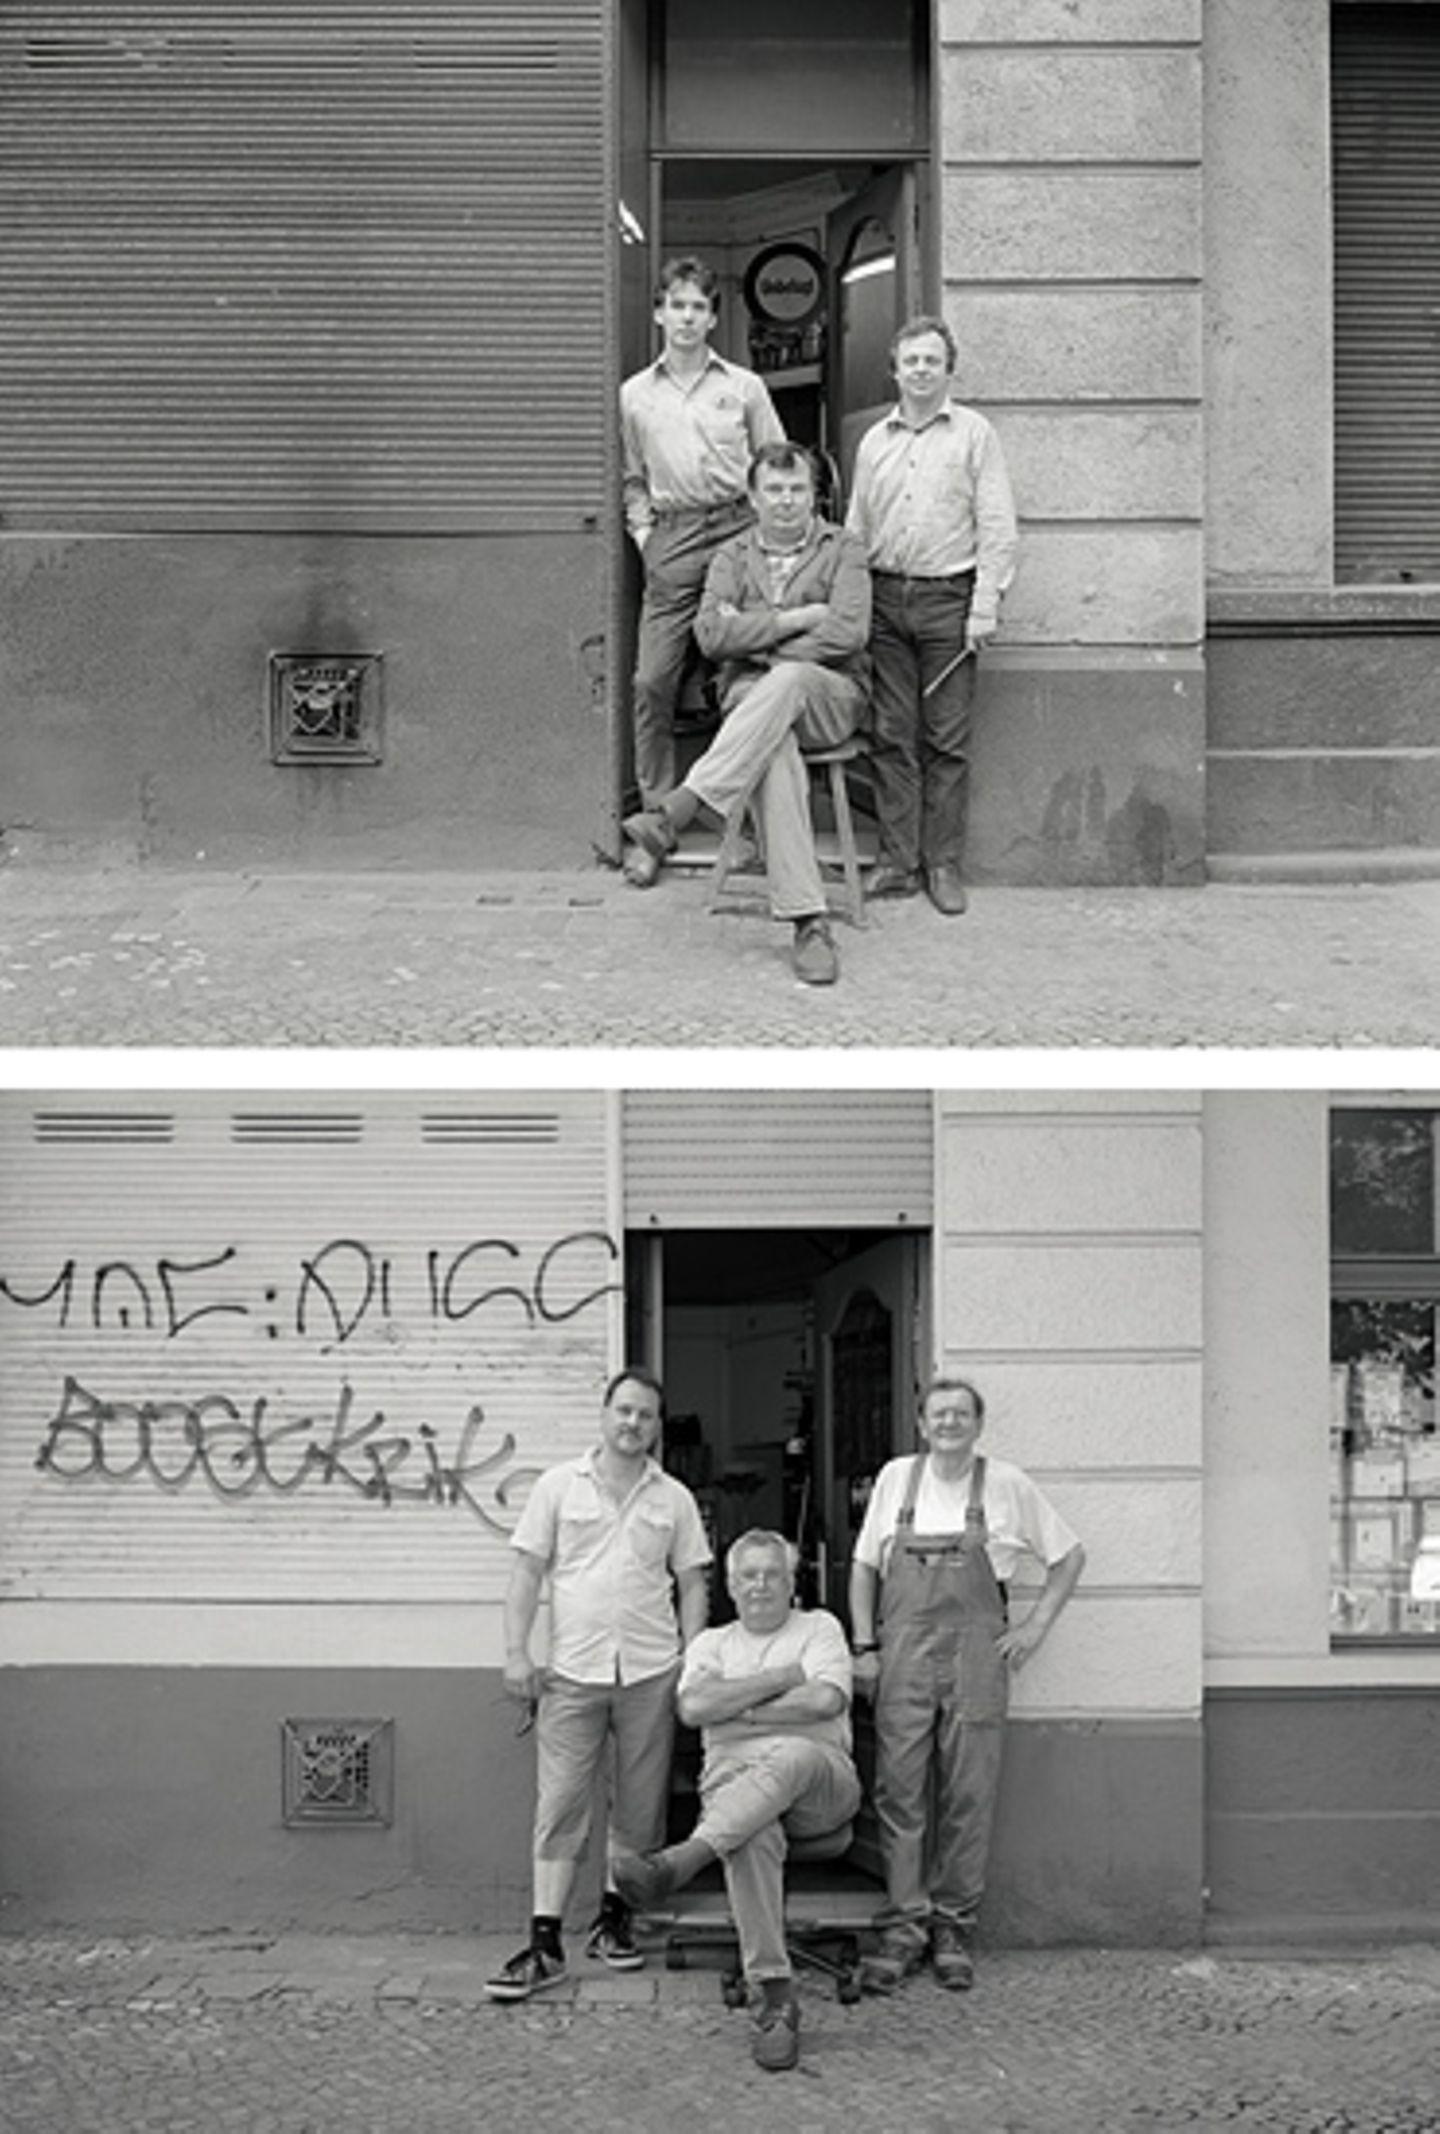 Fotogalerie: Eine deutsche Straße im Wandel - Bild 5